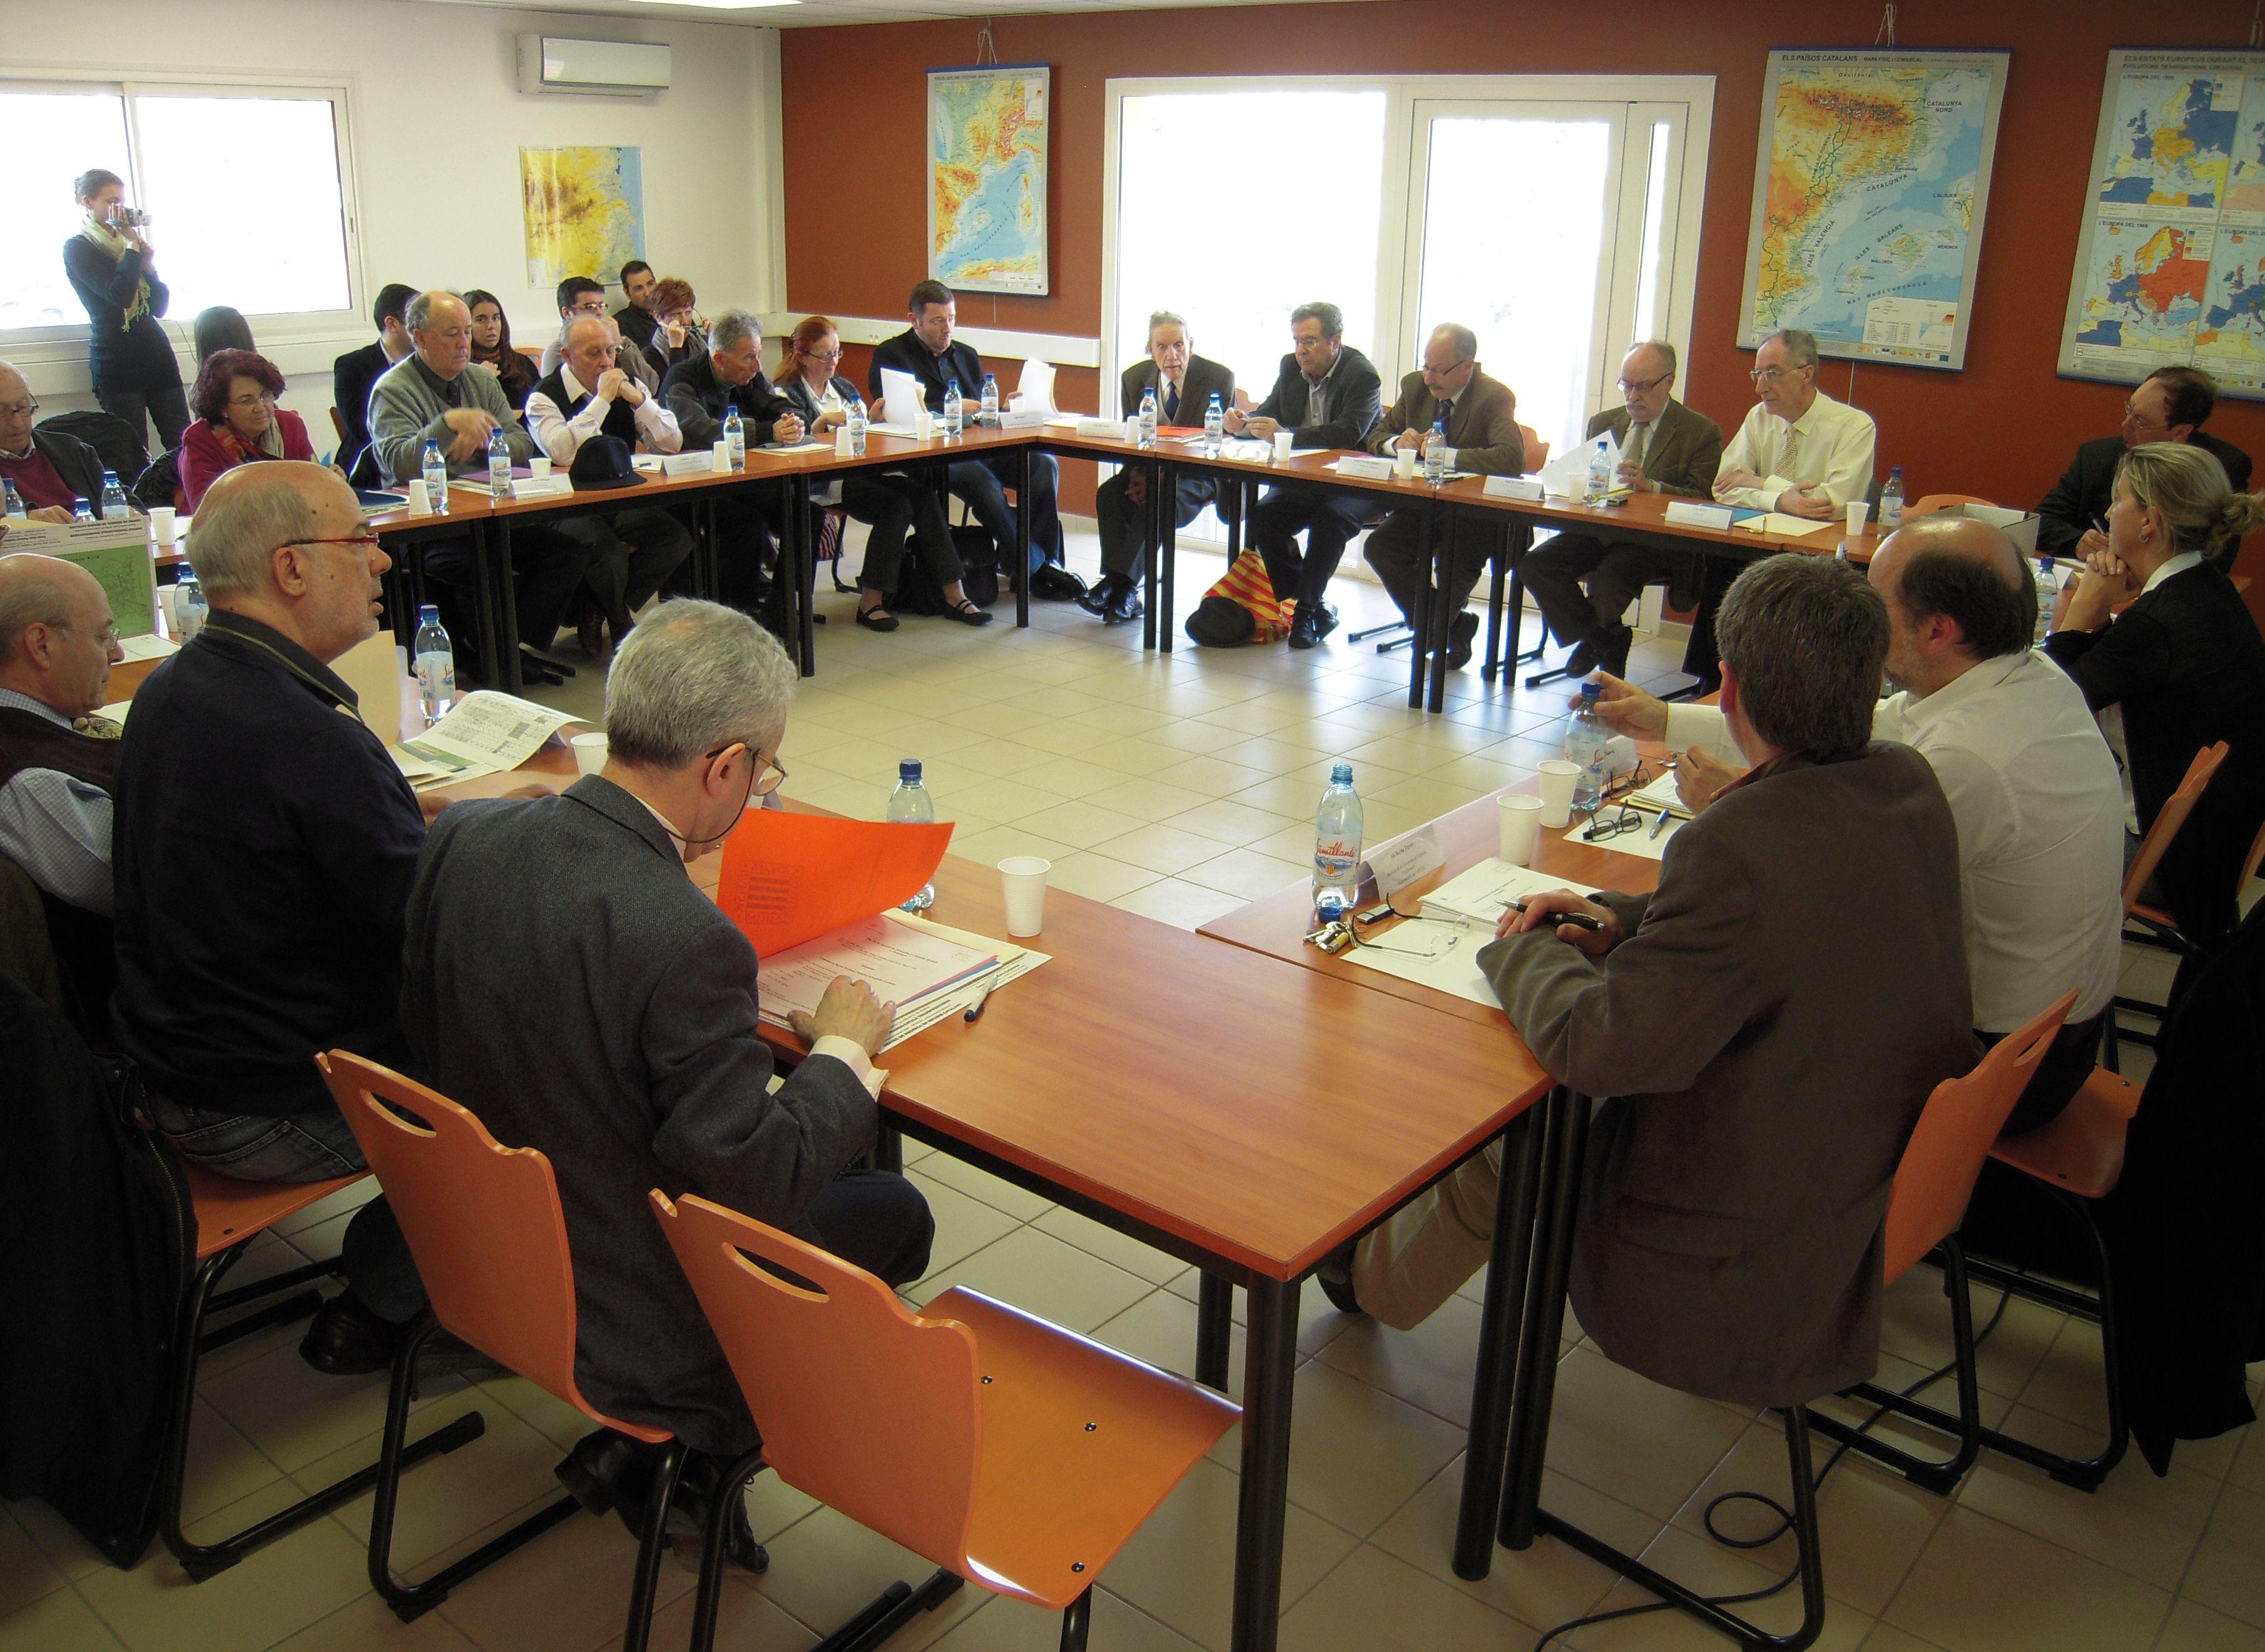 Reunió de la Secció de Filosofia i Ciències Socials el 9 d'abril de 2010